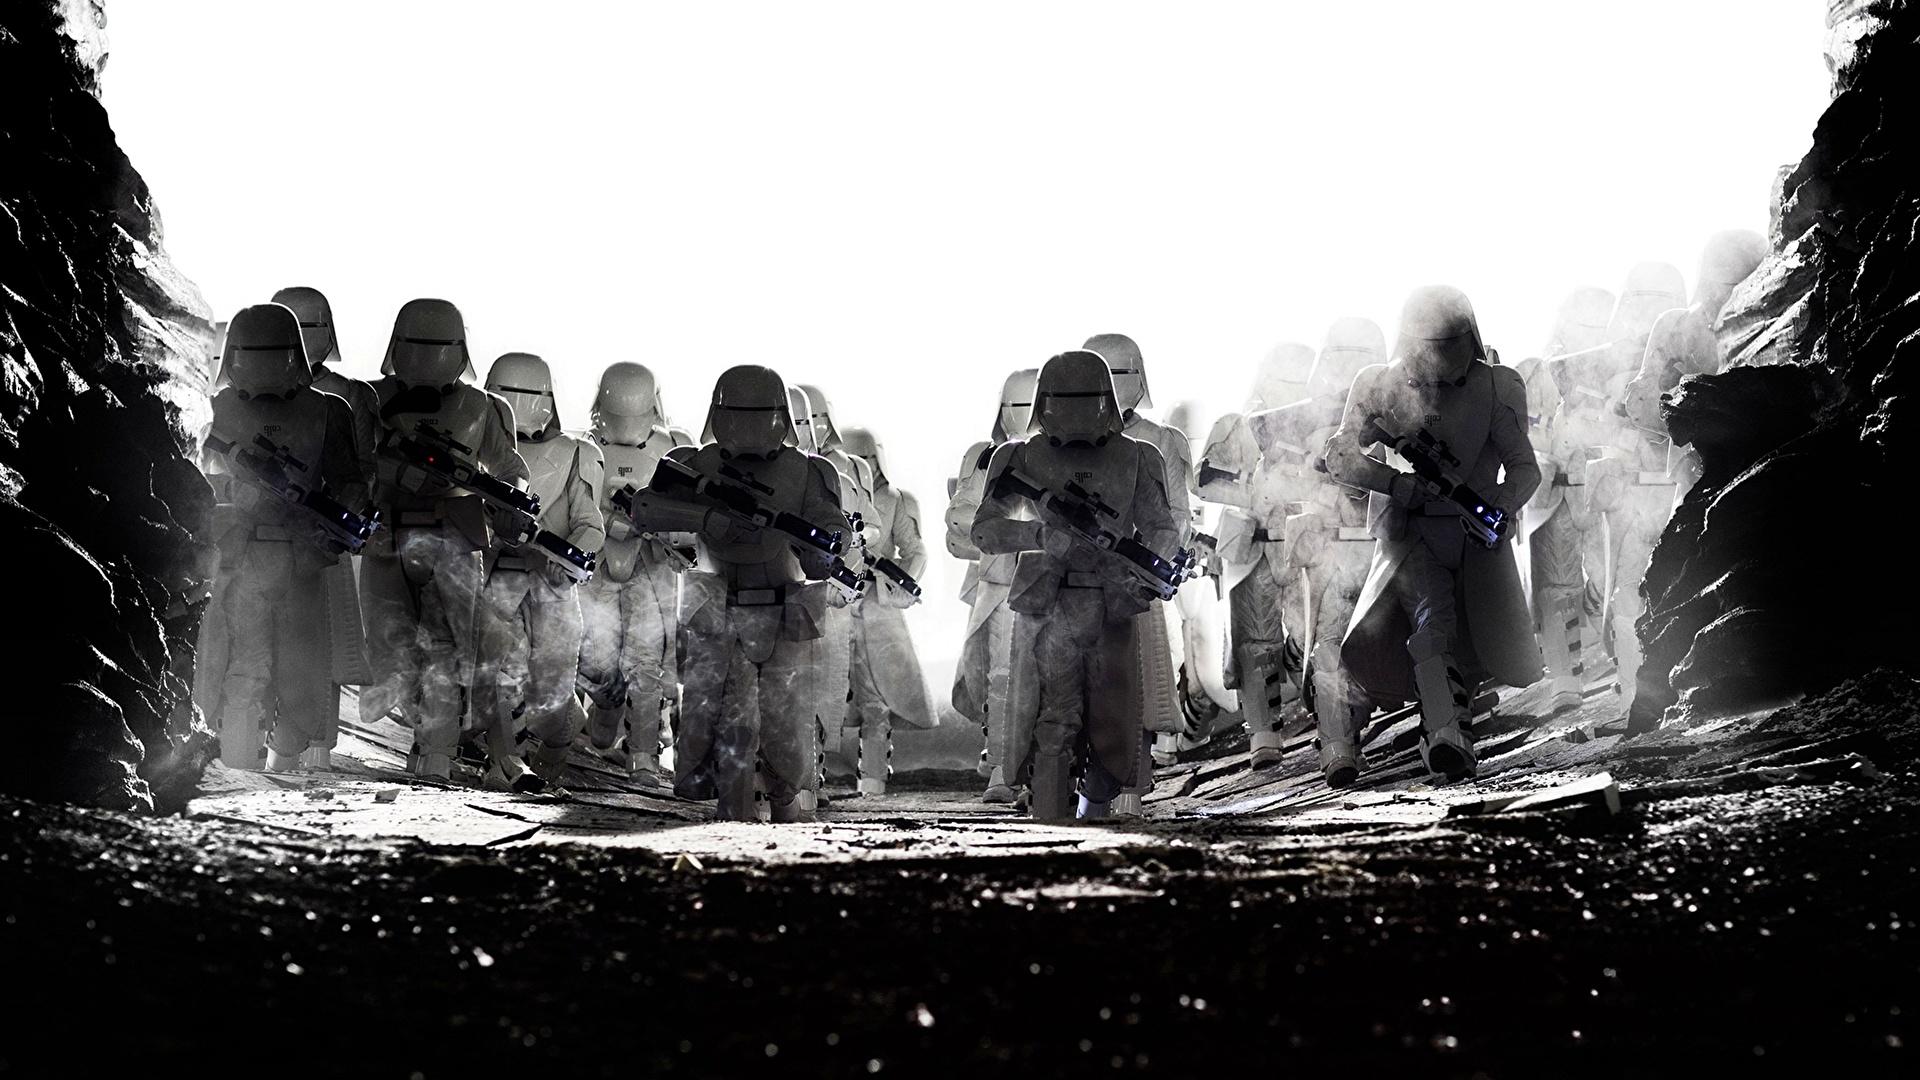 Wallpaper Star Wars The Last Jedi Clone Trooper Film 1920x1080